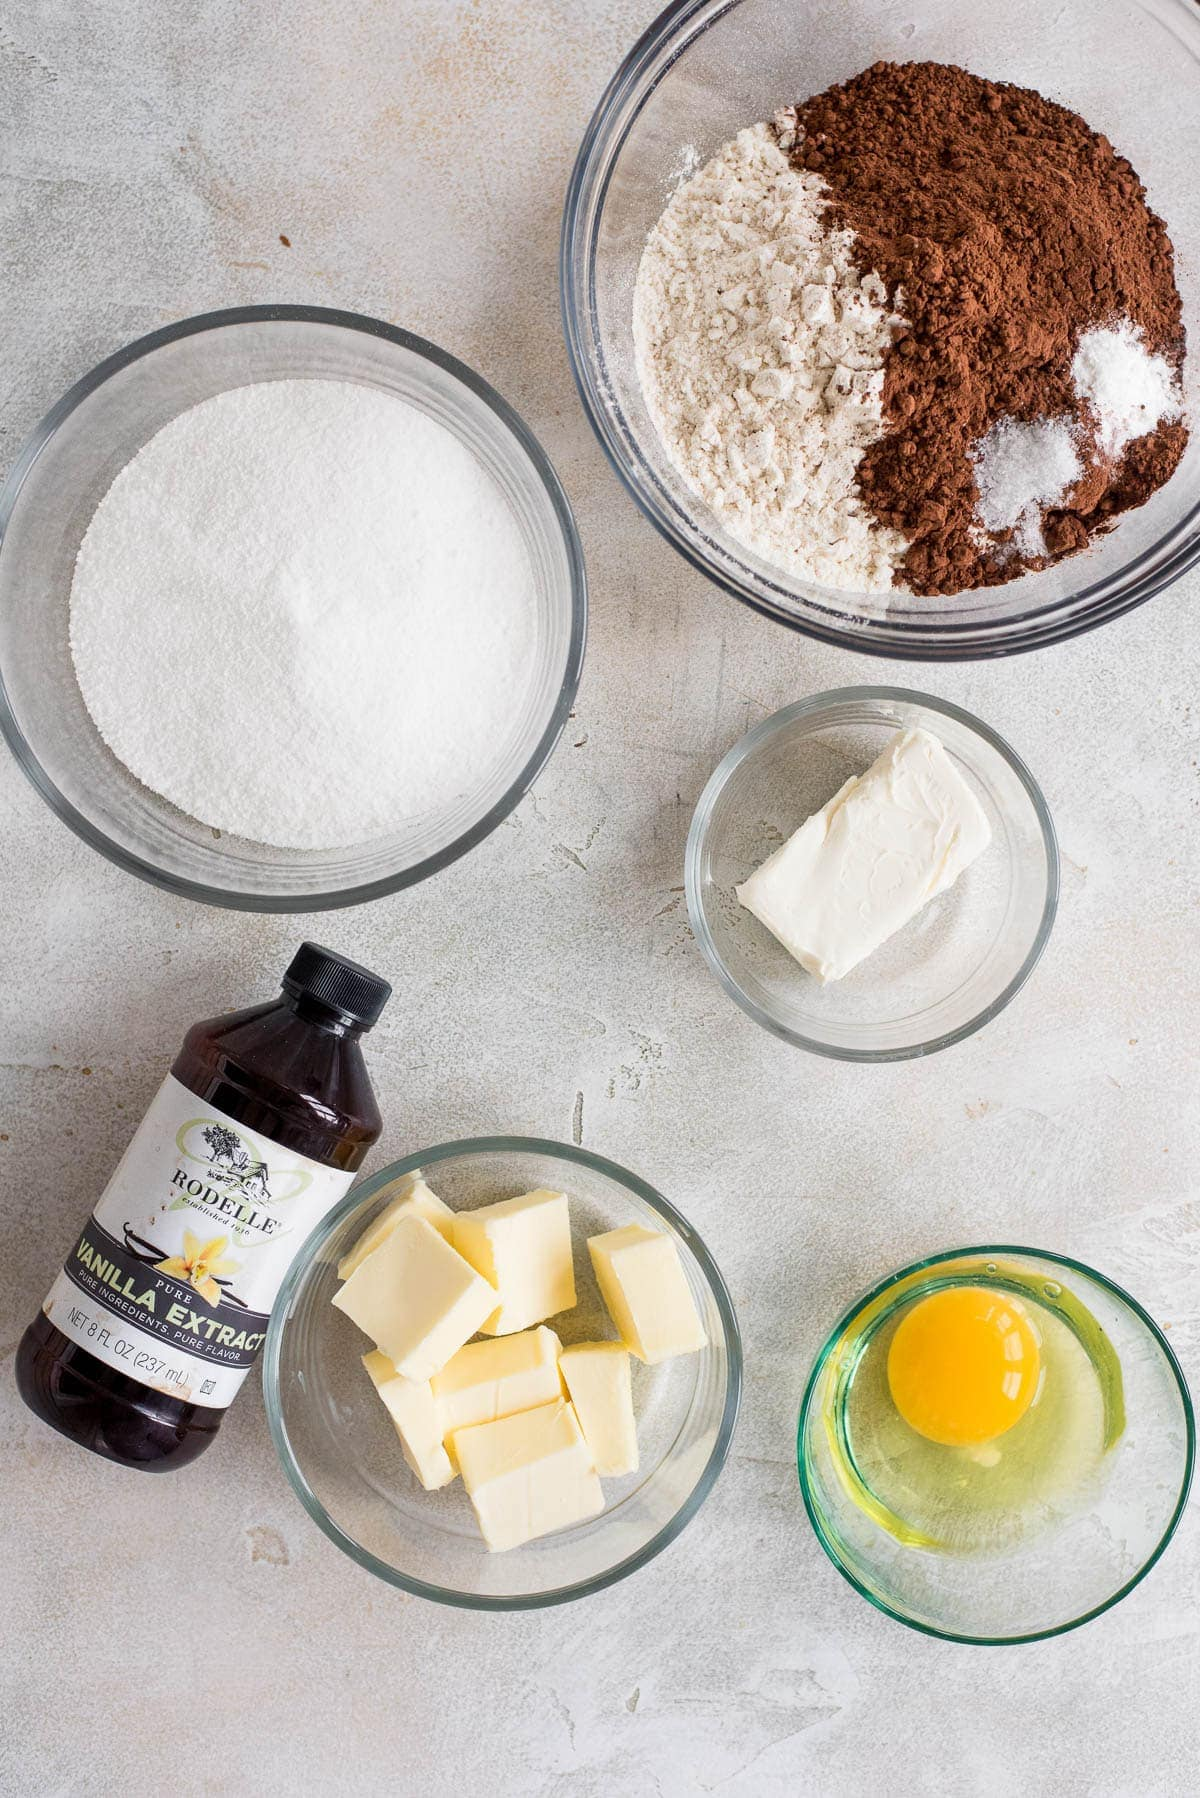 ingredients for chocolate sugar cookies